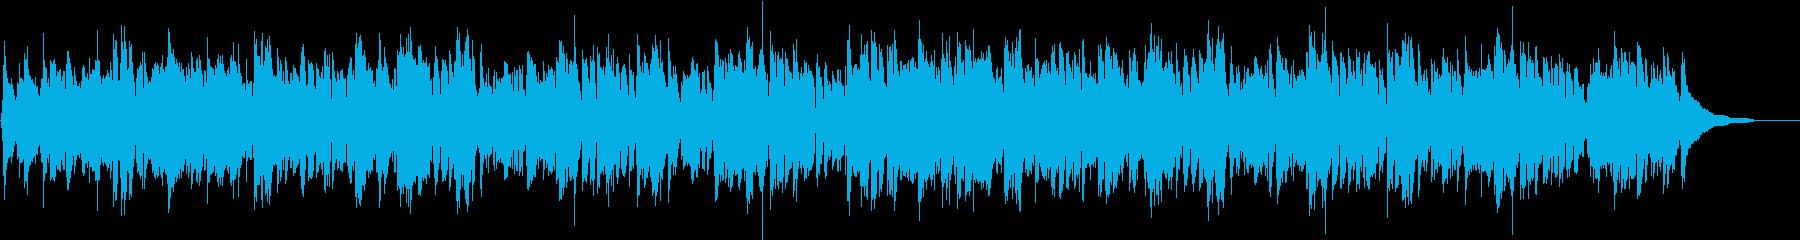 ケルトハープとアコギの穏やかな3拍子の再生済みの波形